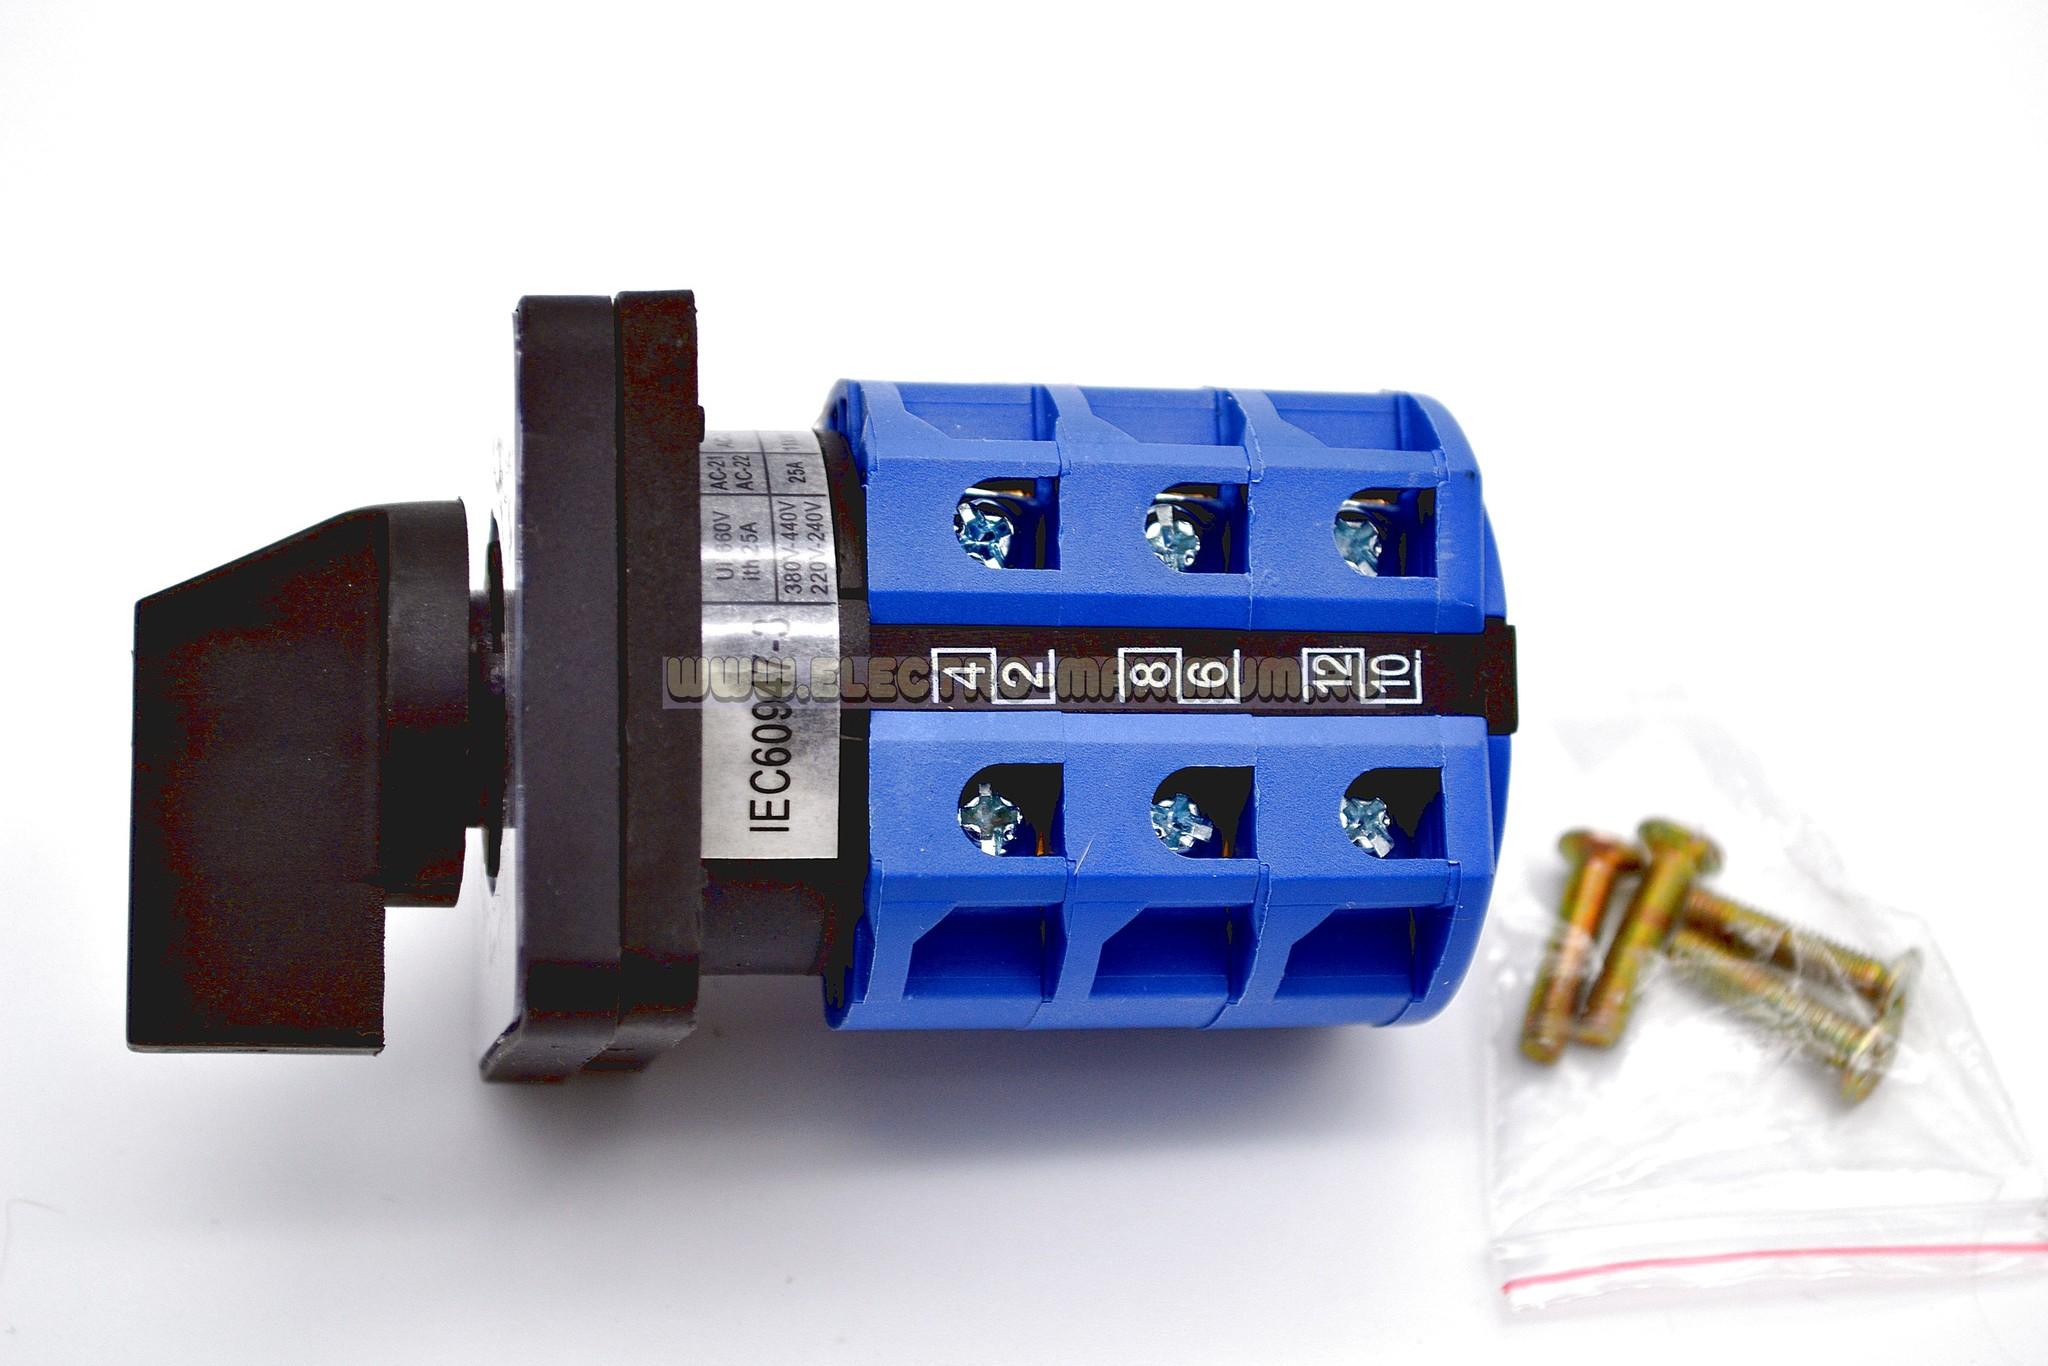 LW28 - 25, напряжение 440 в, ток 25 А.